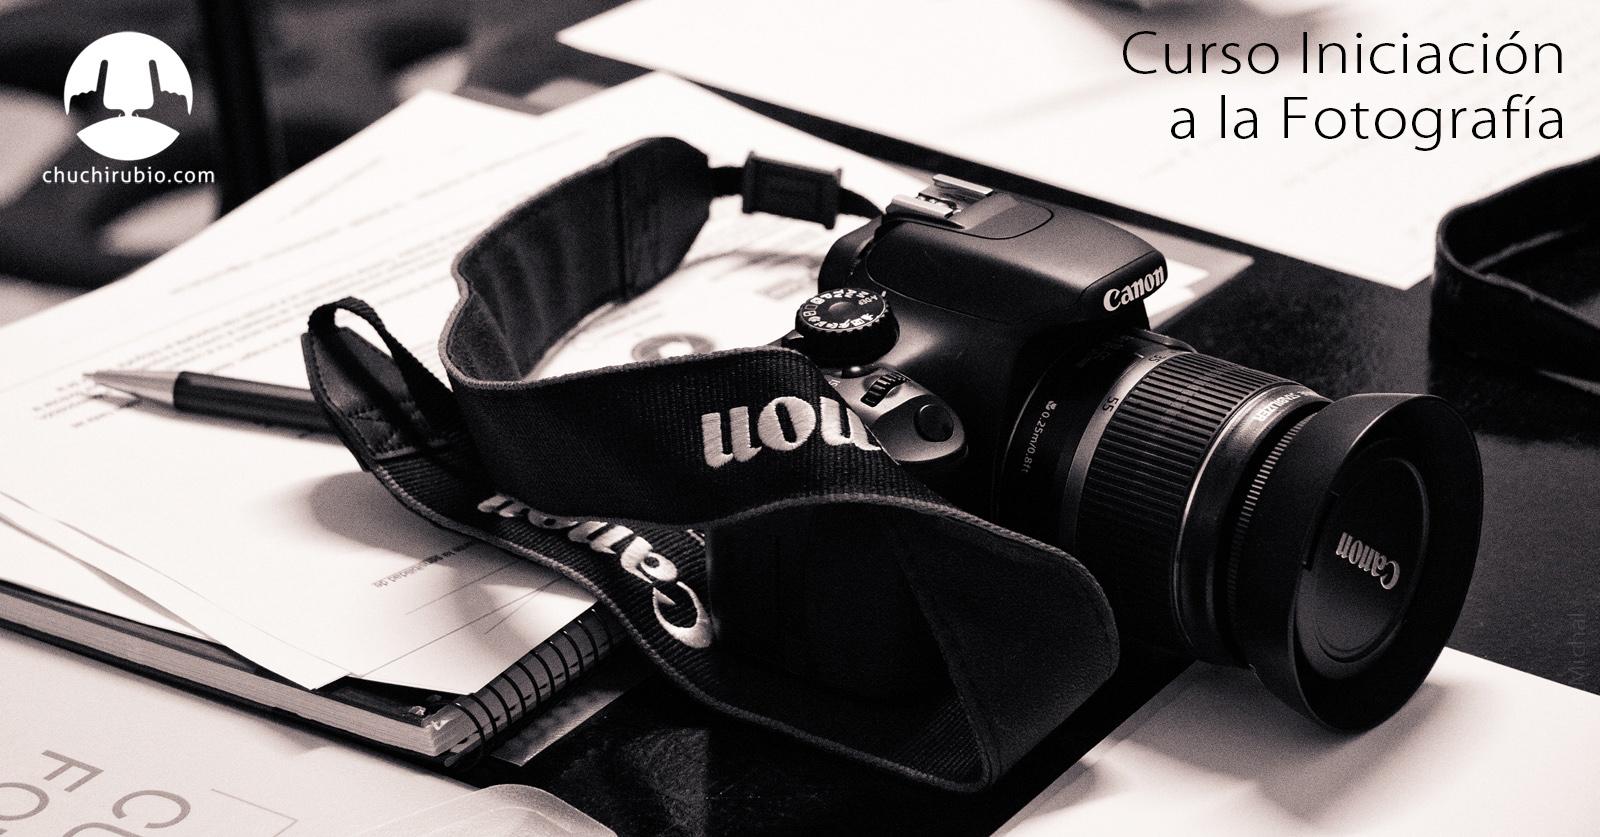 Cursos de Fotografía en Logroño